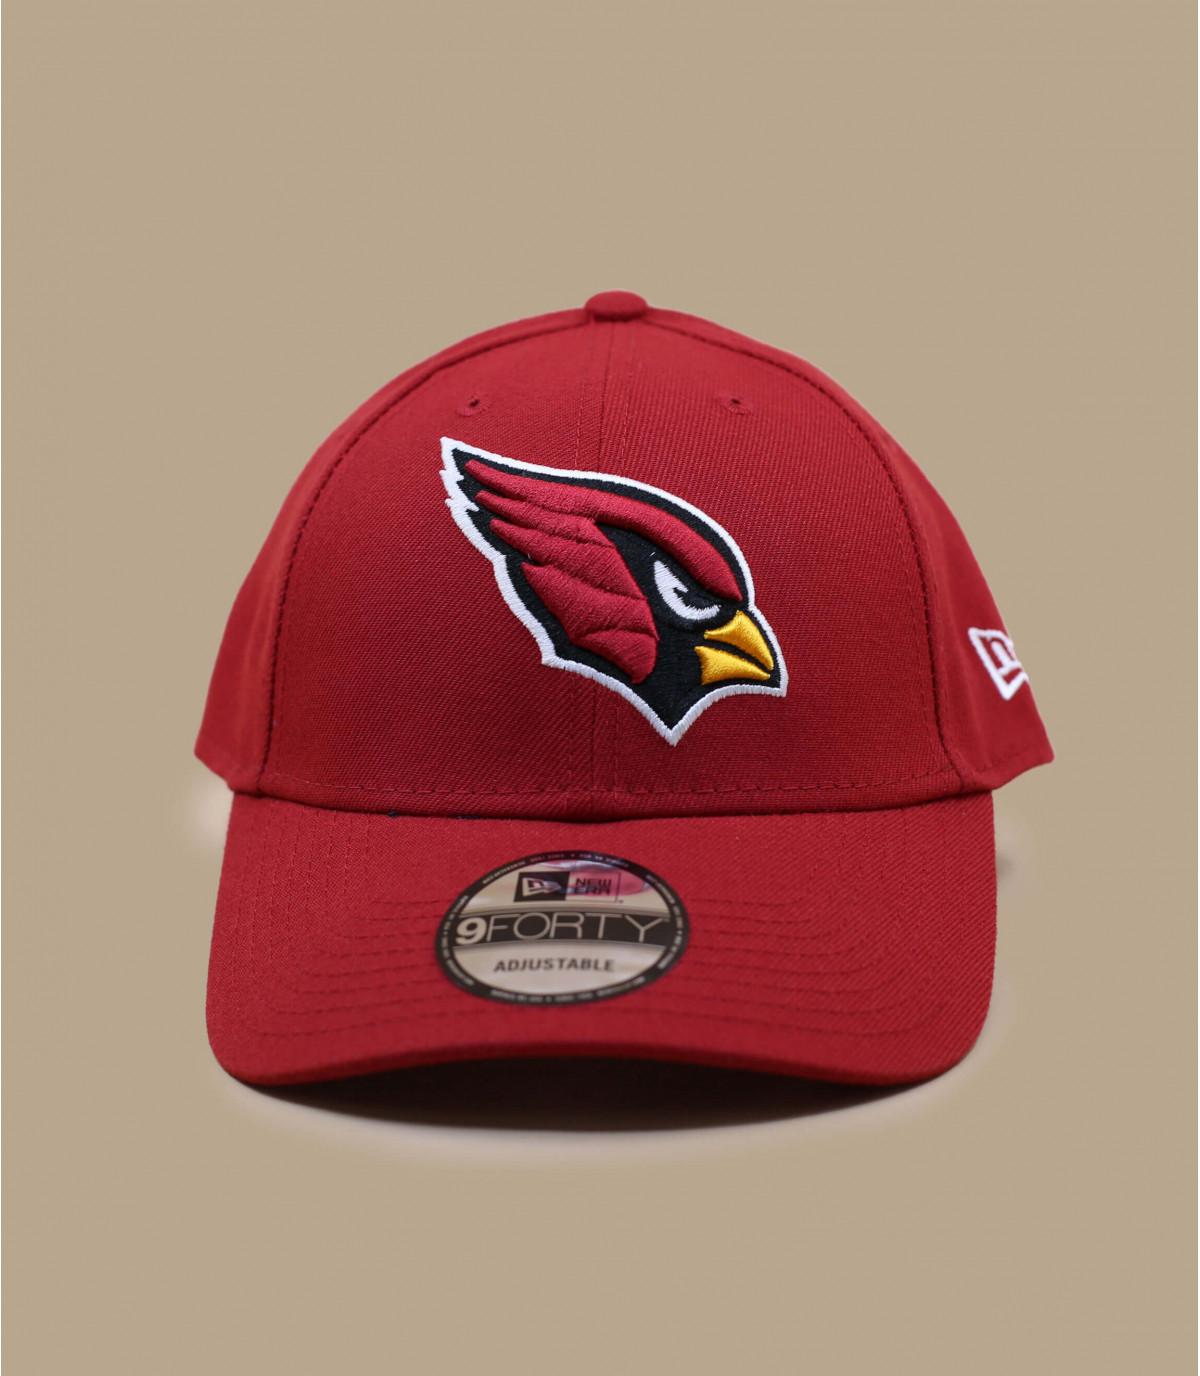 Cardinals burgundy cap